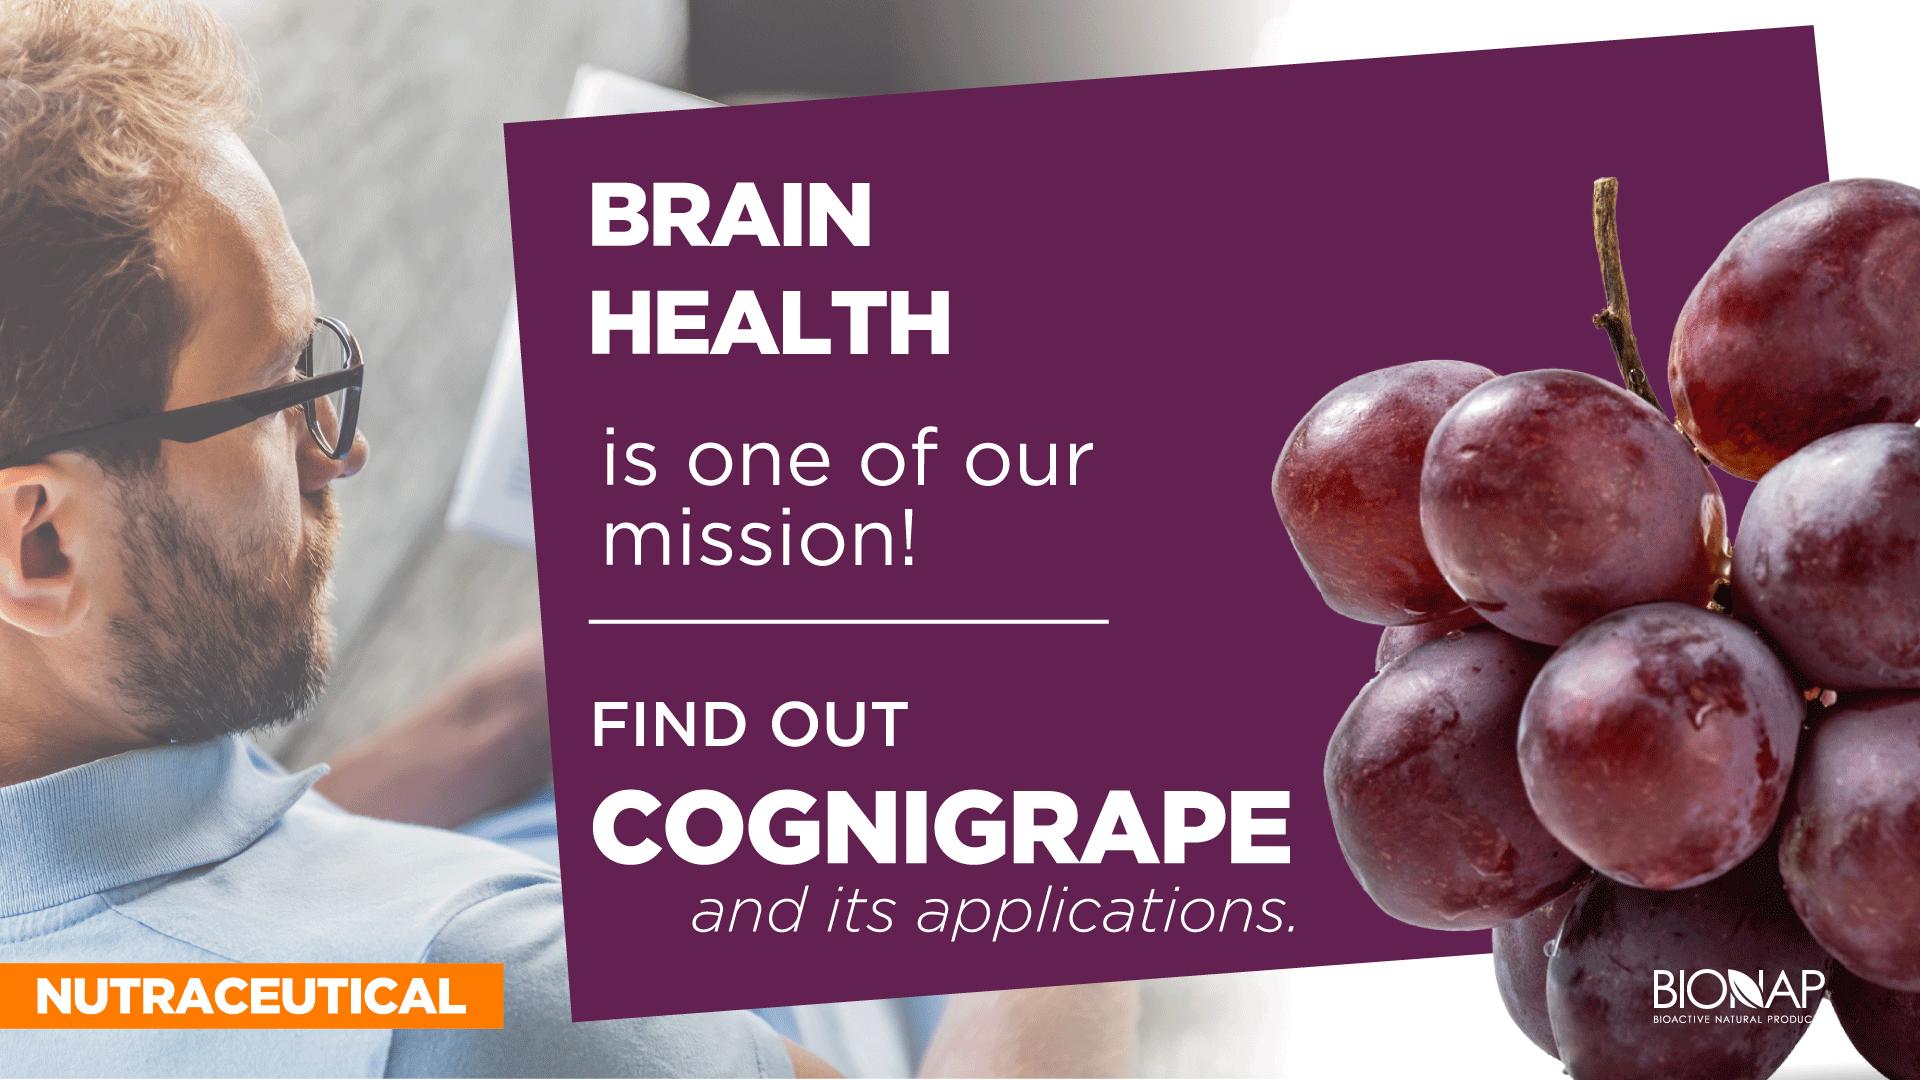 cognigrape